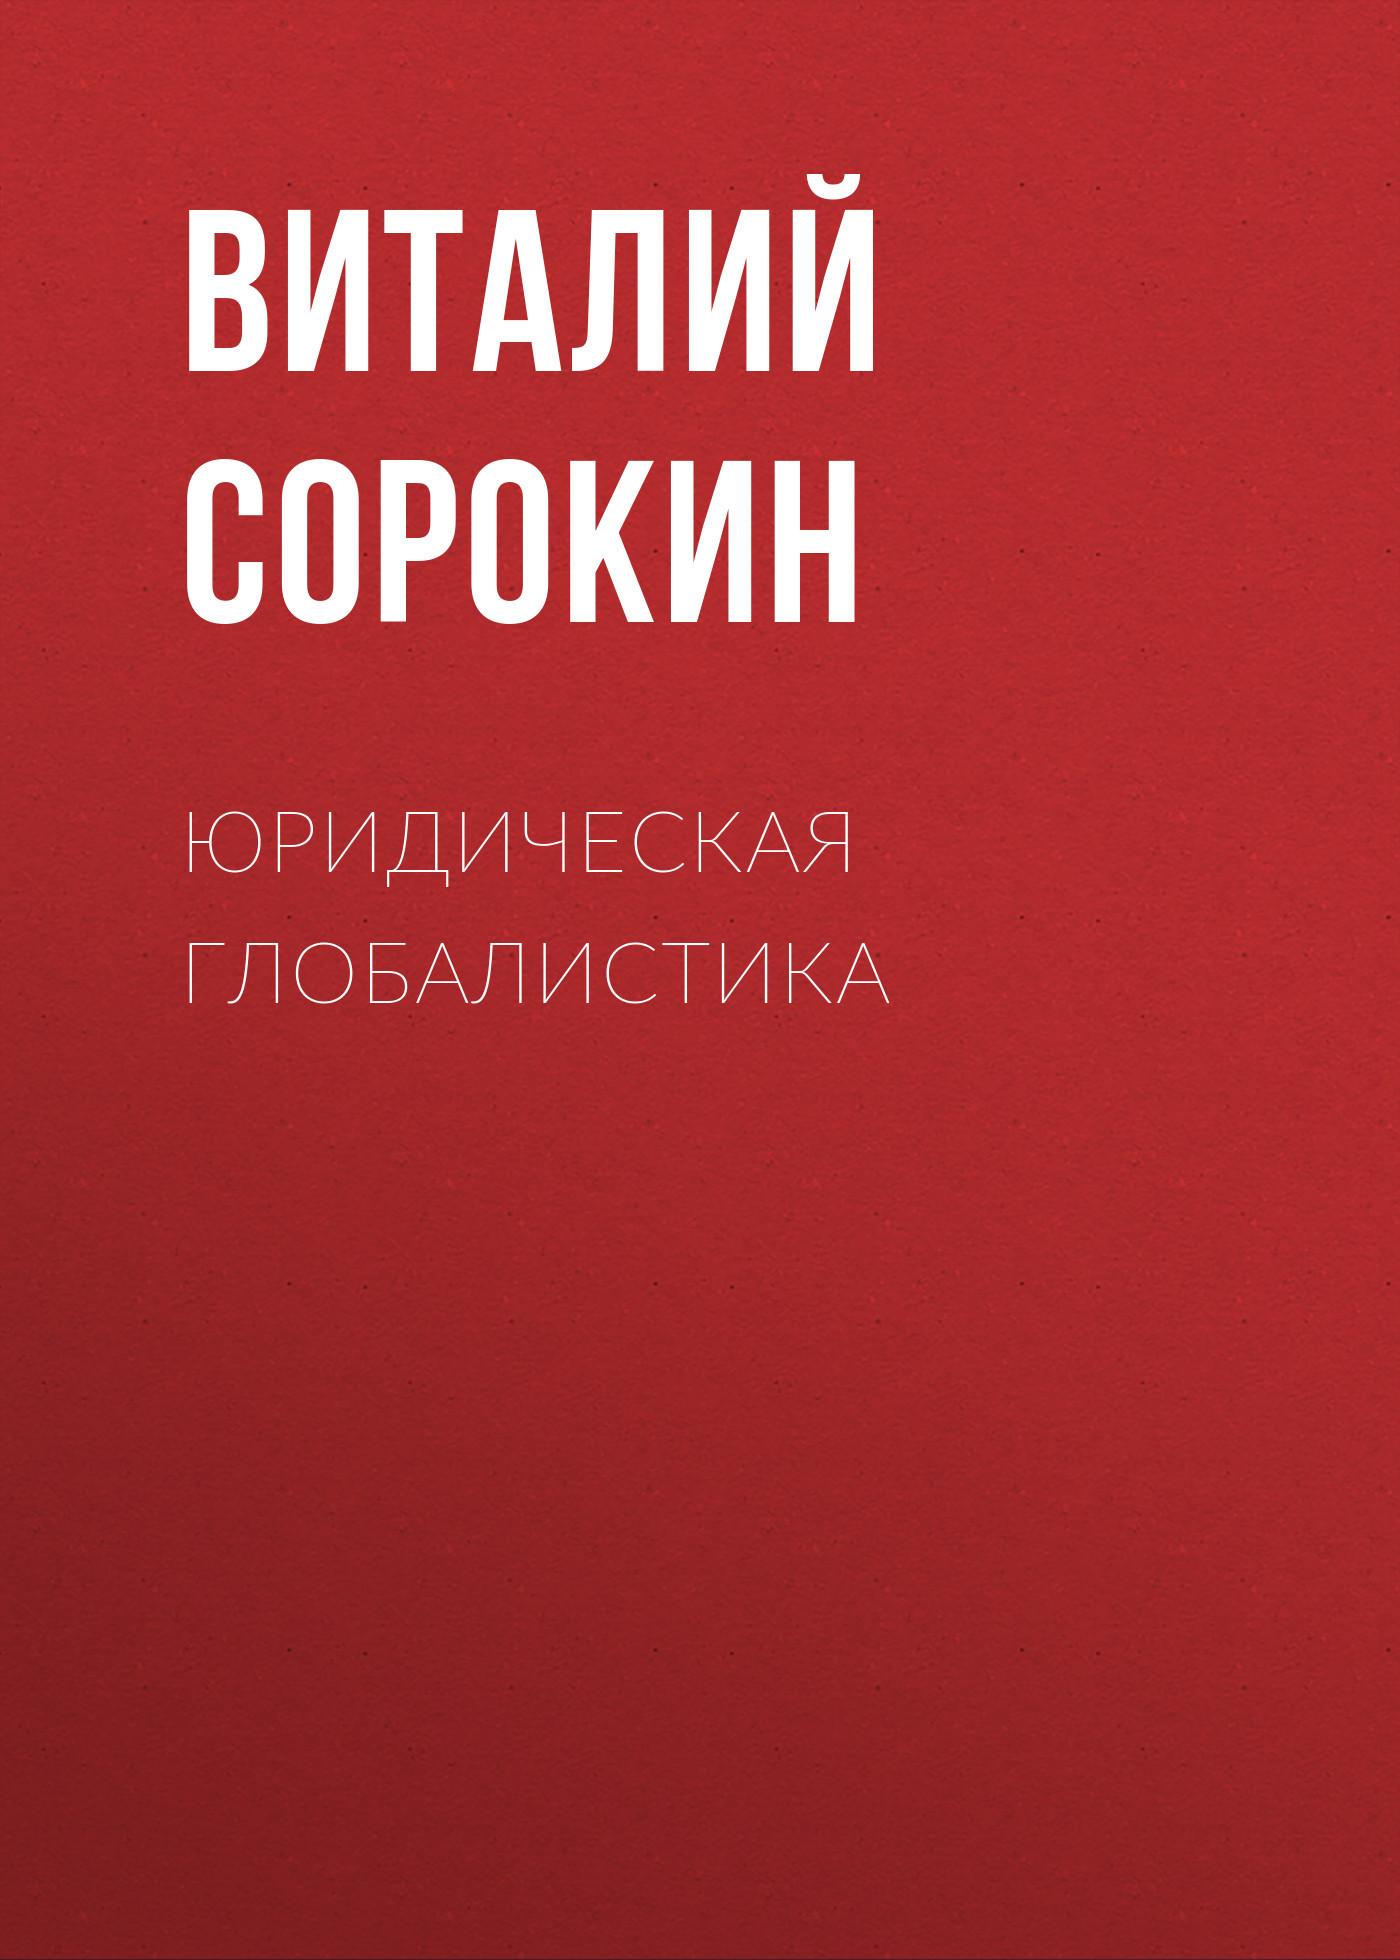 Виталий Сорокин бесплатно